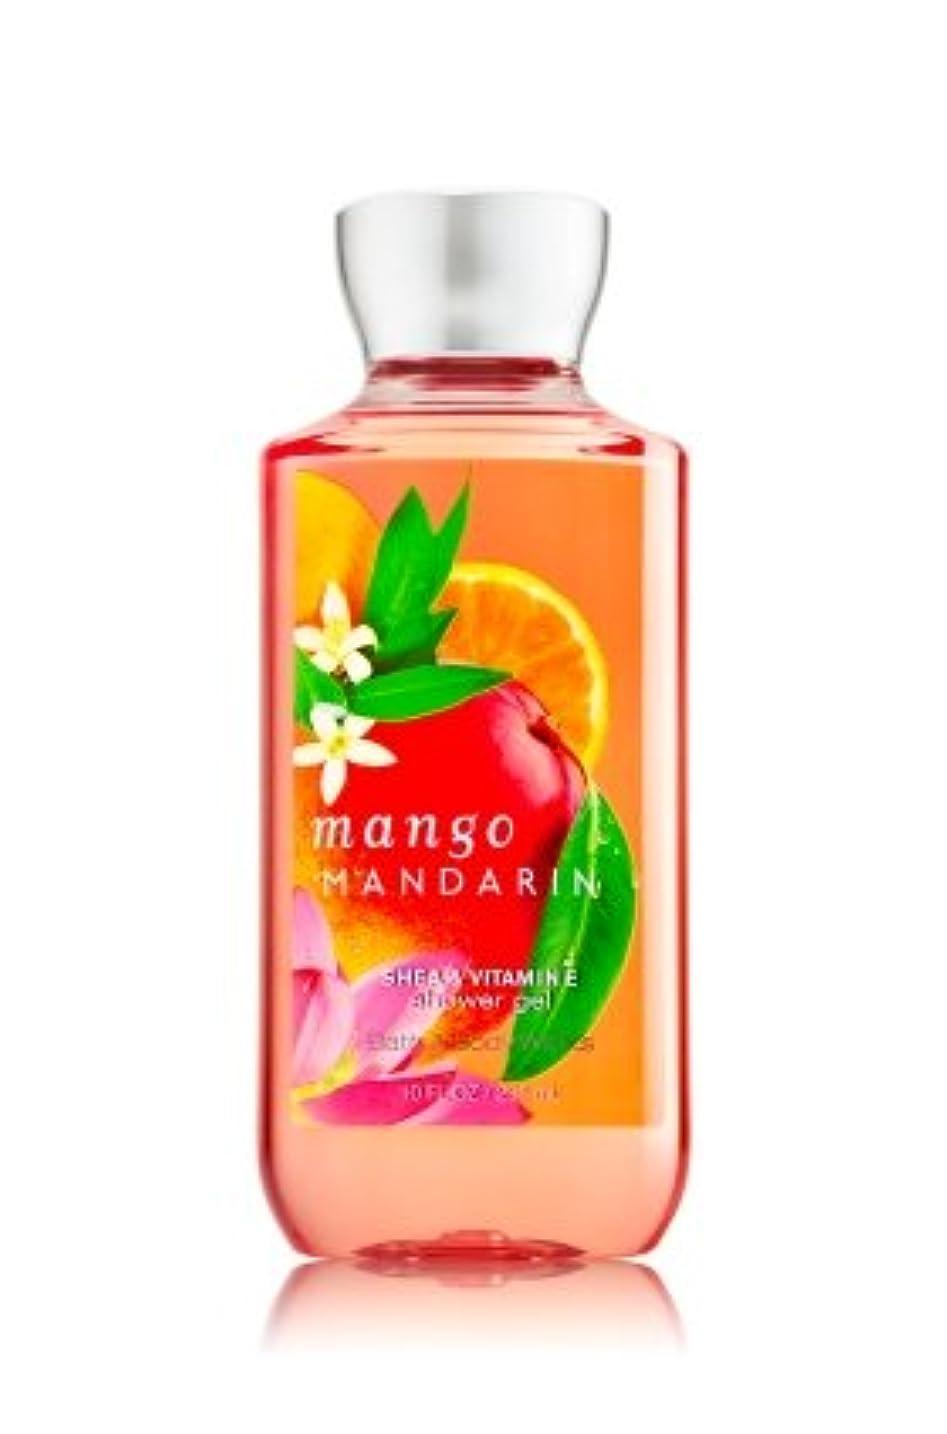 現実には請願者傑作【Bath&Body Works/バス&ボディワークス】 シャワージェル マンゴーマンダリン Shower Gel Mango Mandarin 10 fl oz / 295 mL [並行輸入品]